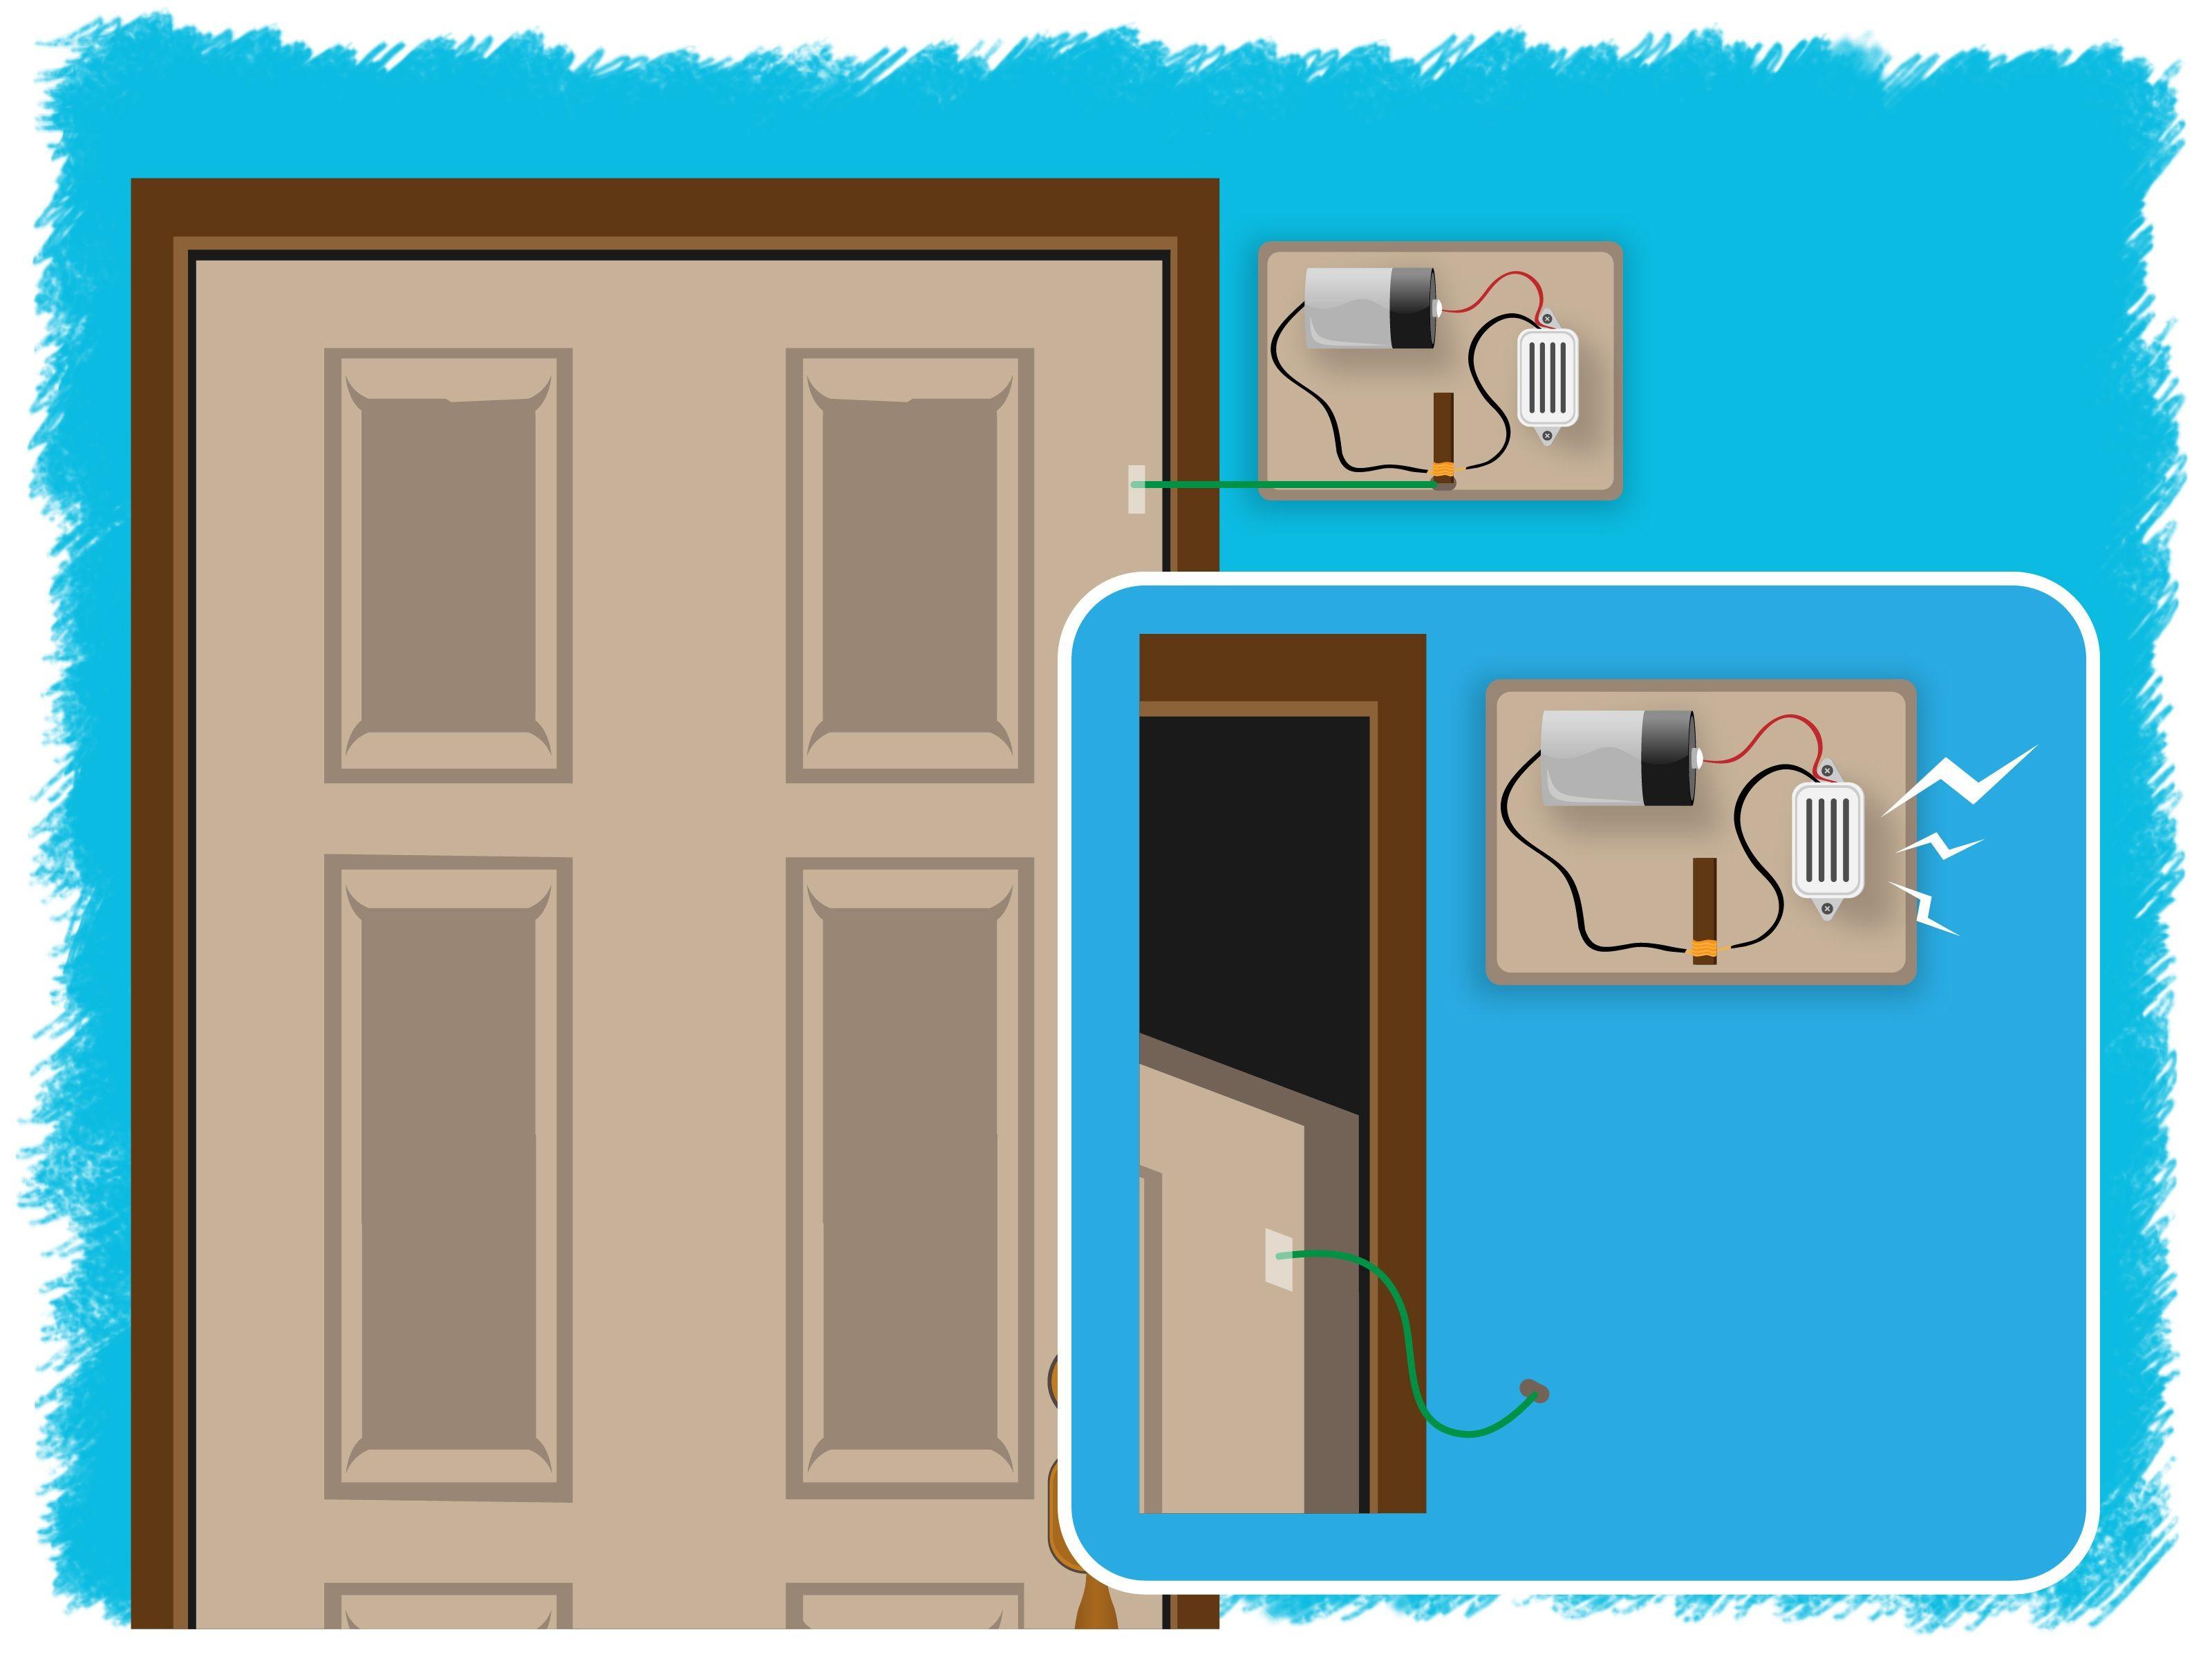 How To Make A Door Alarm Door Alarms Make A Door Diy Home Security